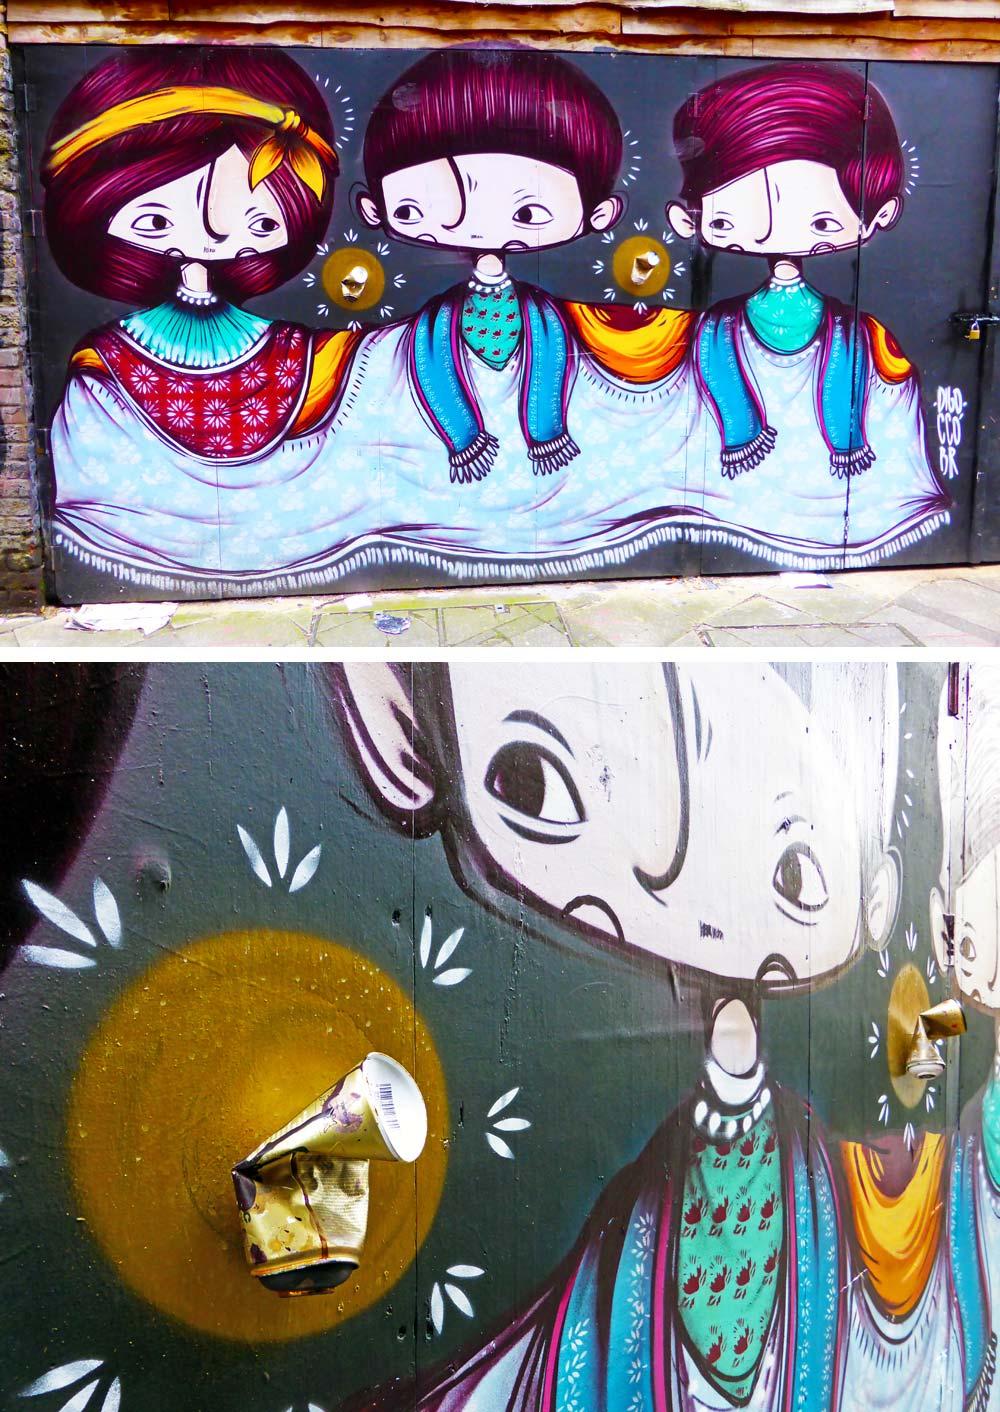 Digo Cardoso street artist